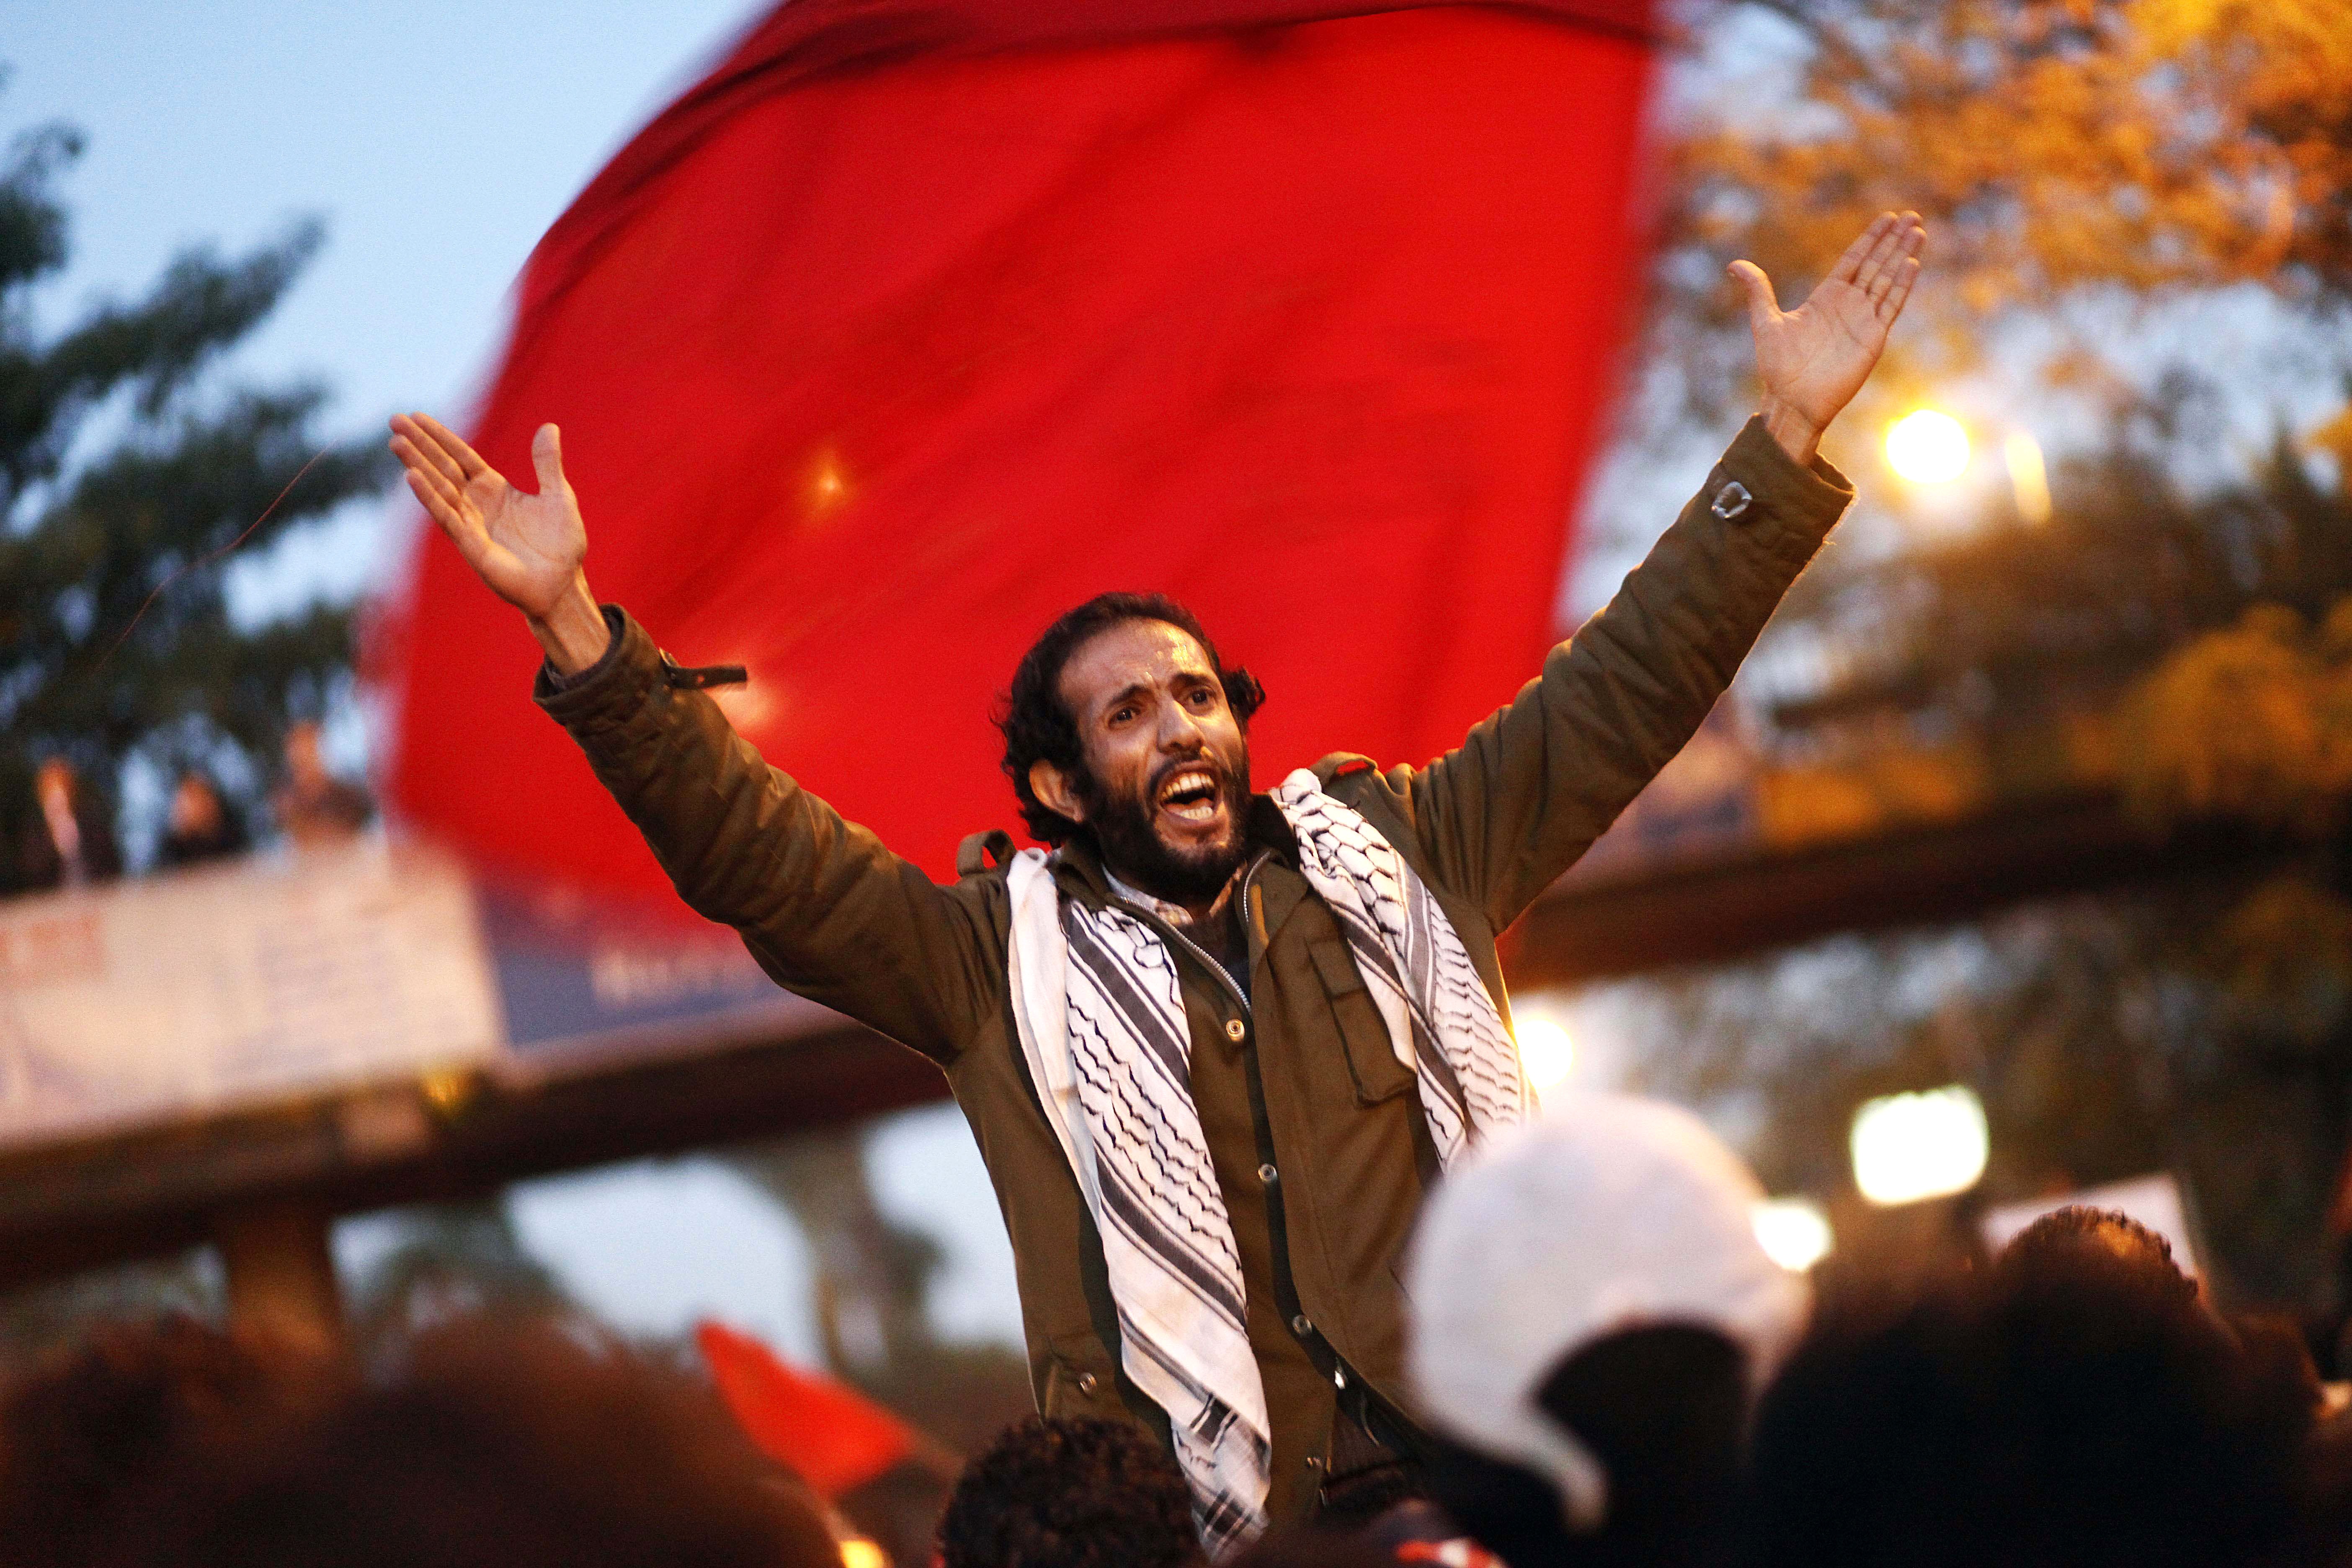 Египетская оппозиция показала Мурси «красную карточку»